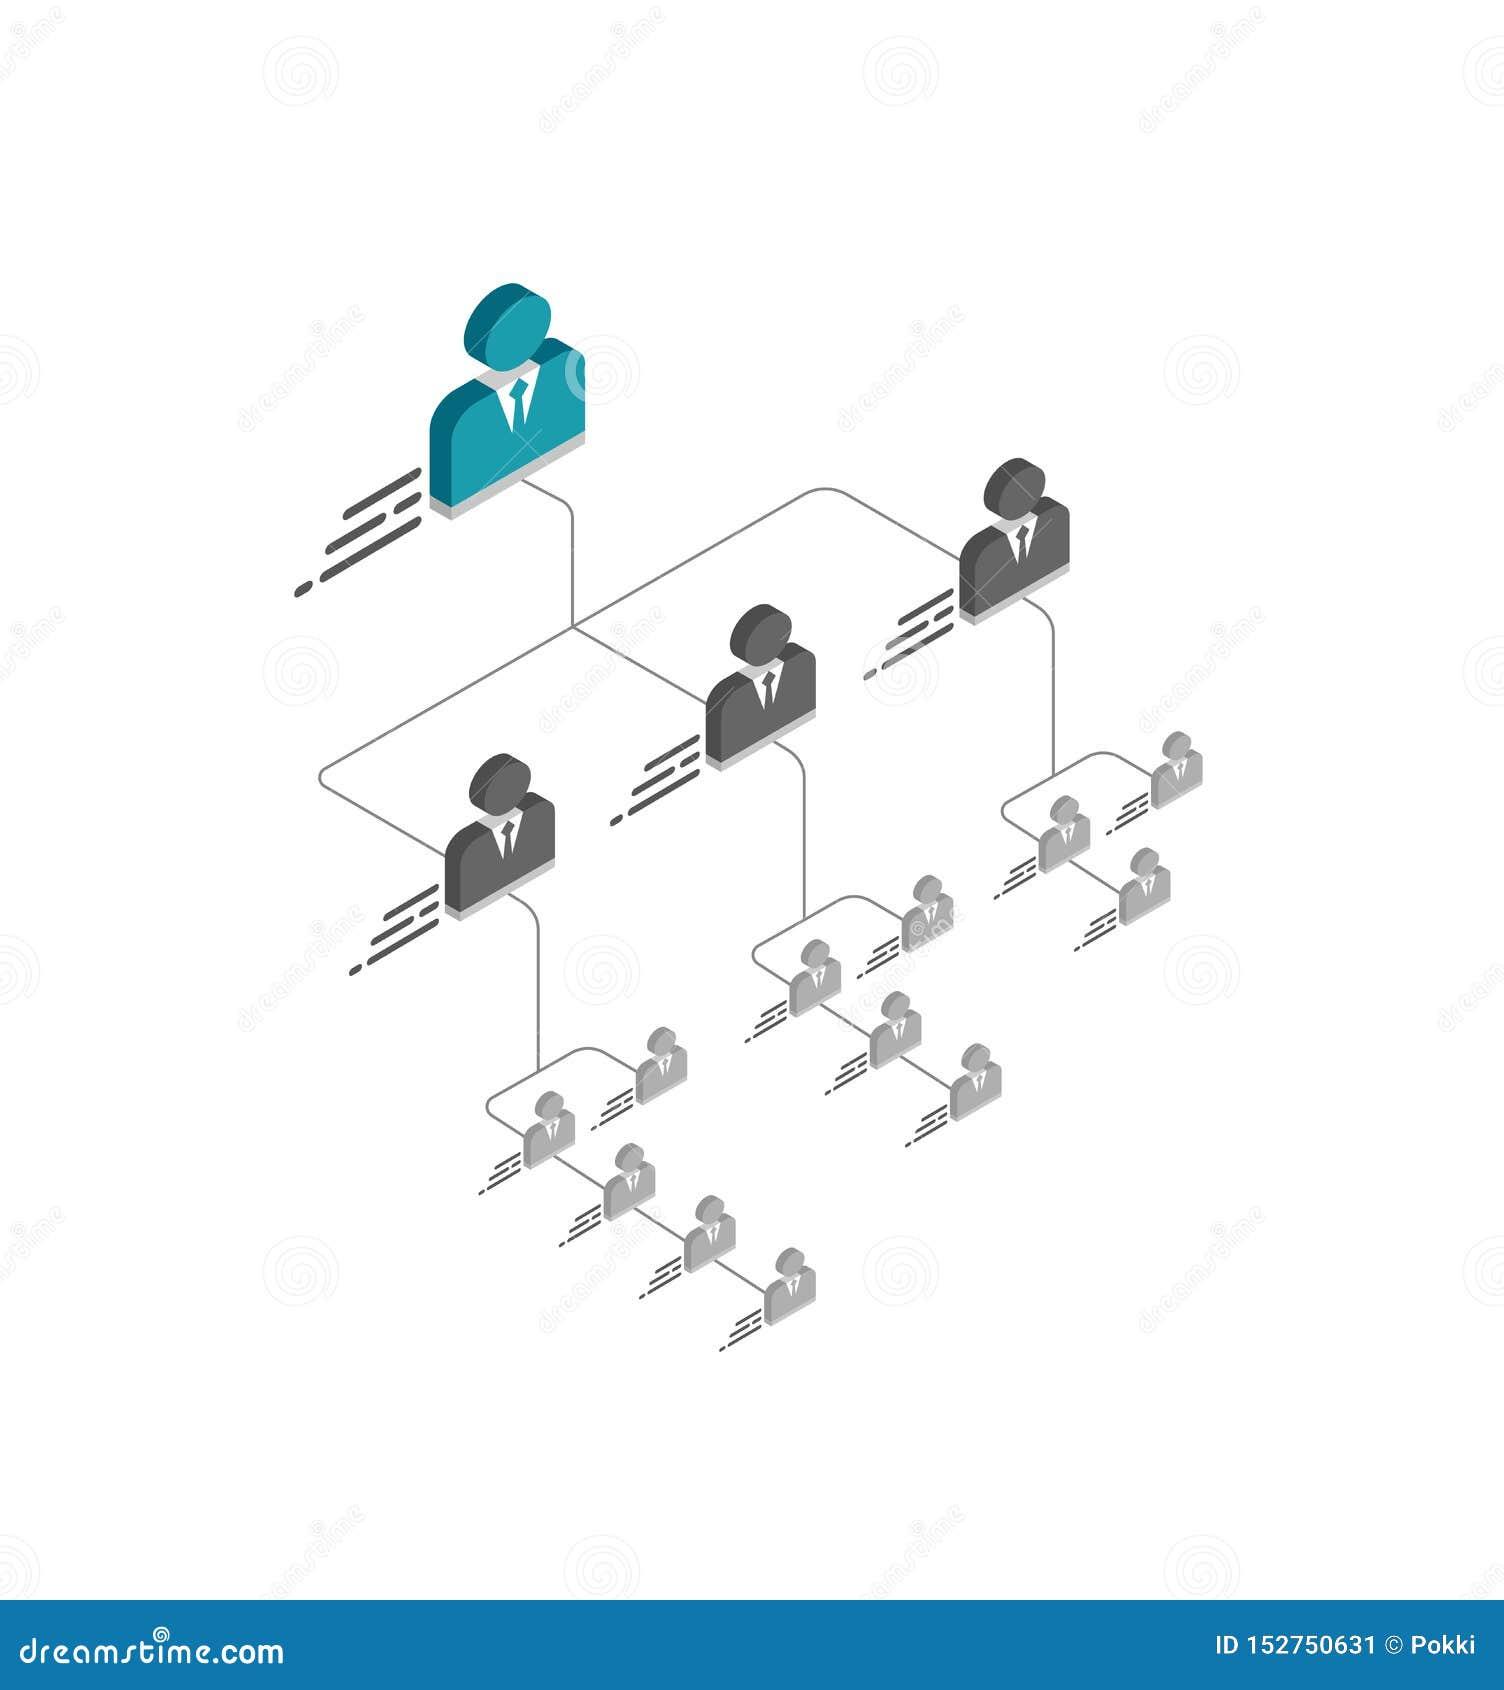 Het isometrische malplaatje van de organisatiegrafiek met eenvoudige managerpictogrammen en plaats voor namen en posities